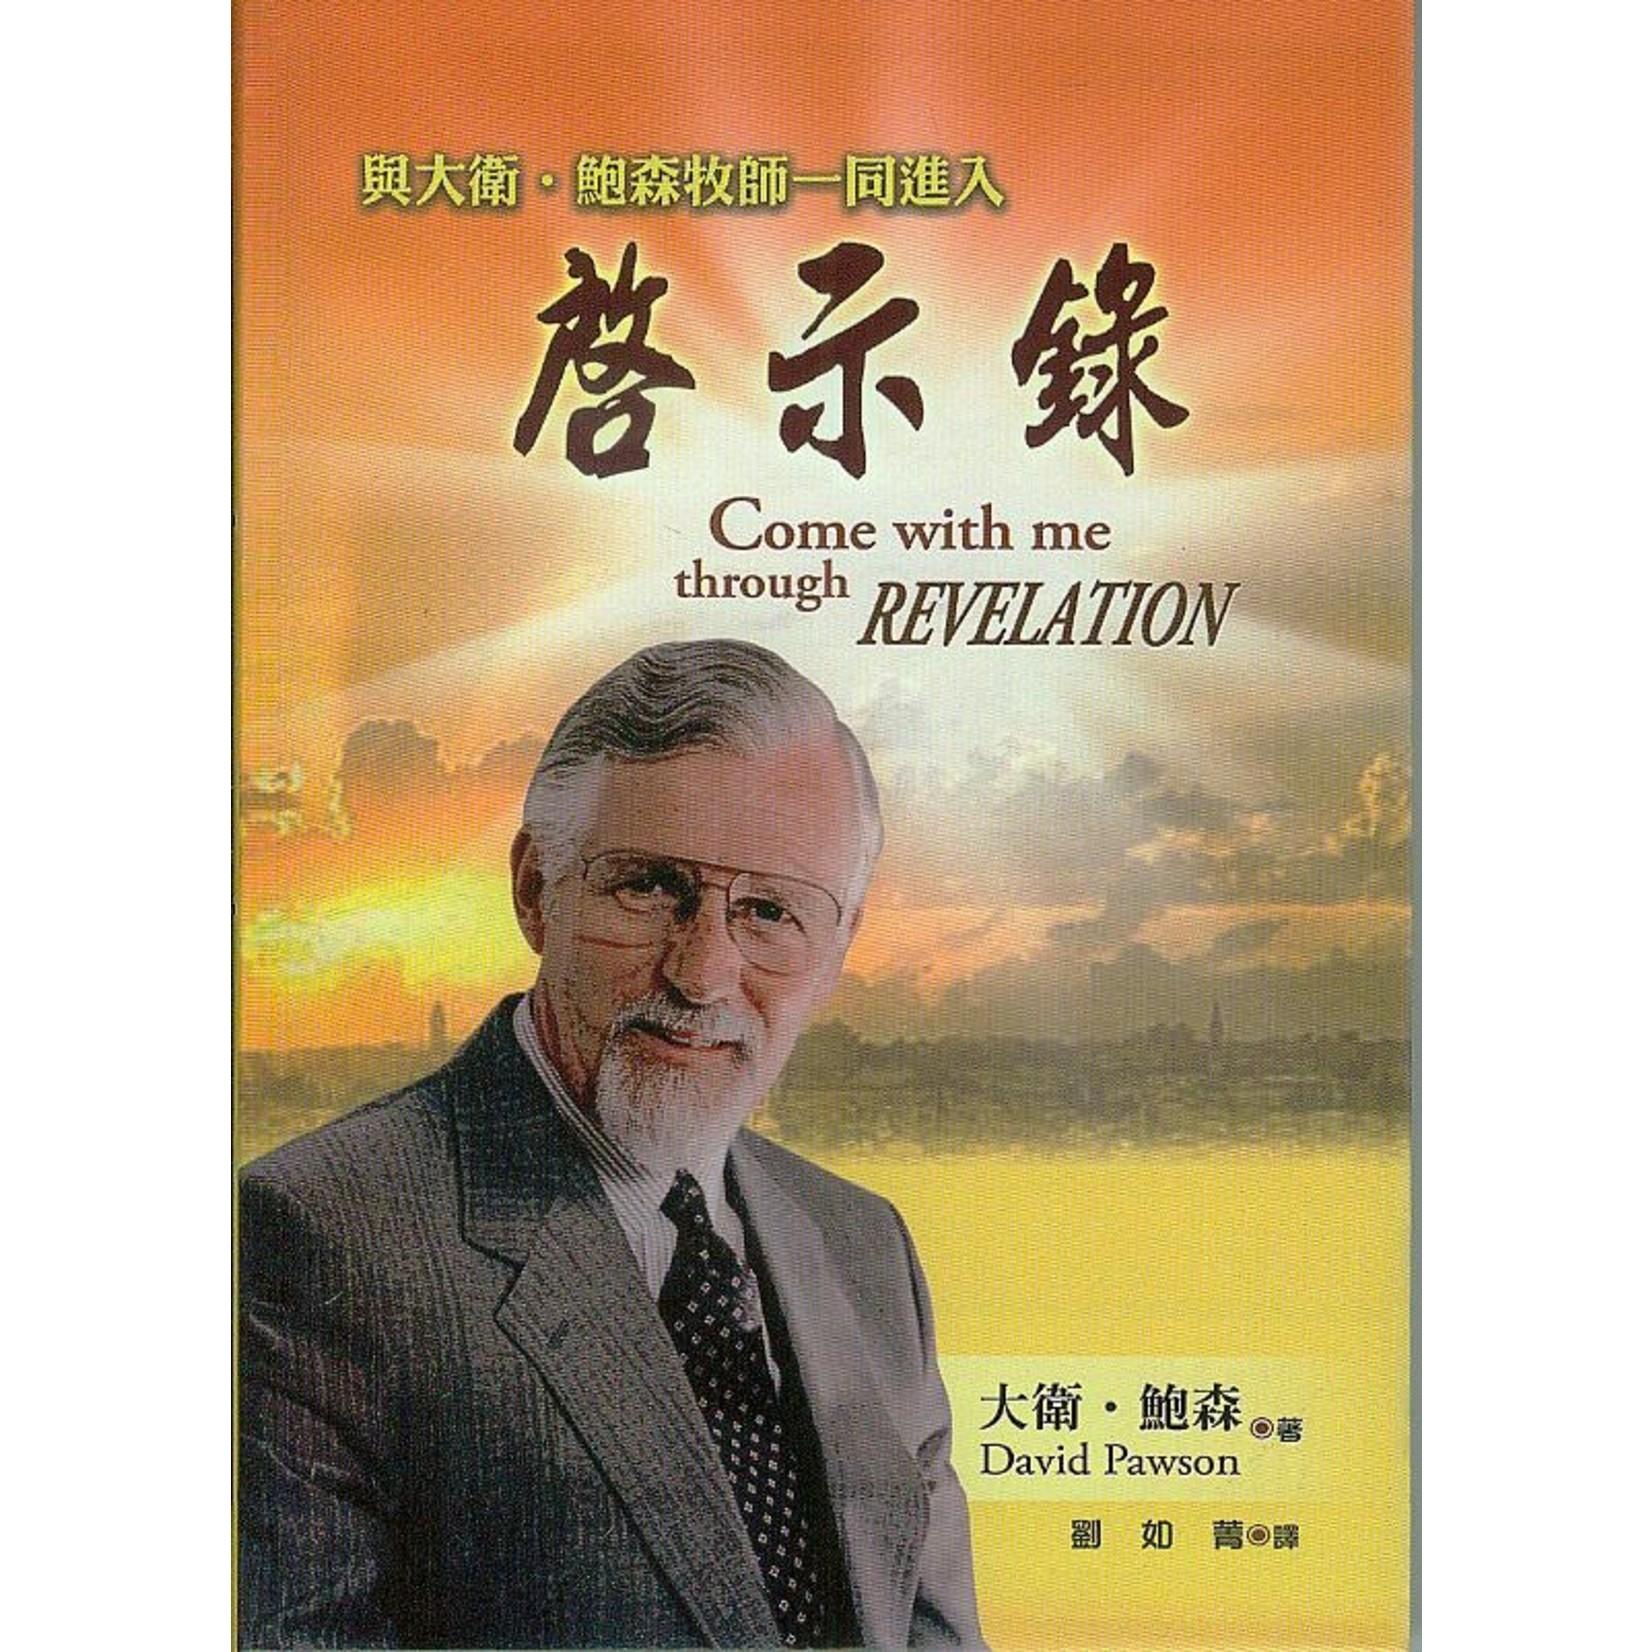 台北靈糧堂 Bread of Life Christian Church in Taipei 與大衛鮑森牧師一同進入啟示錄 Come with me through revelation